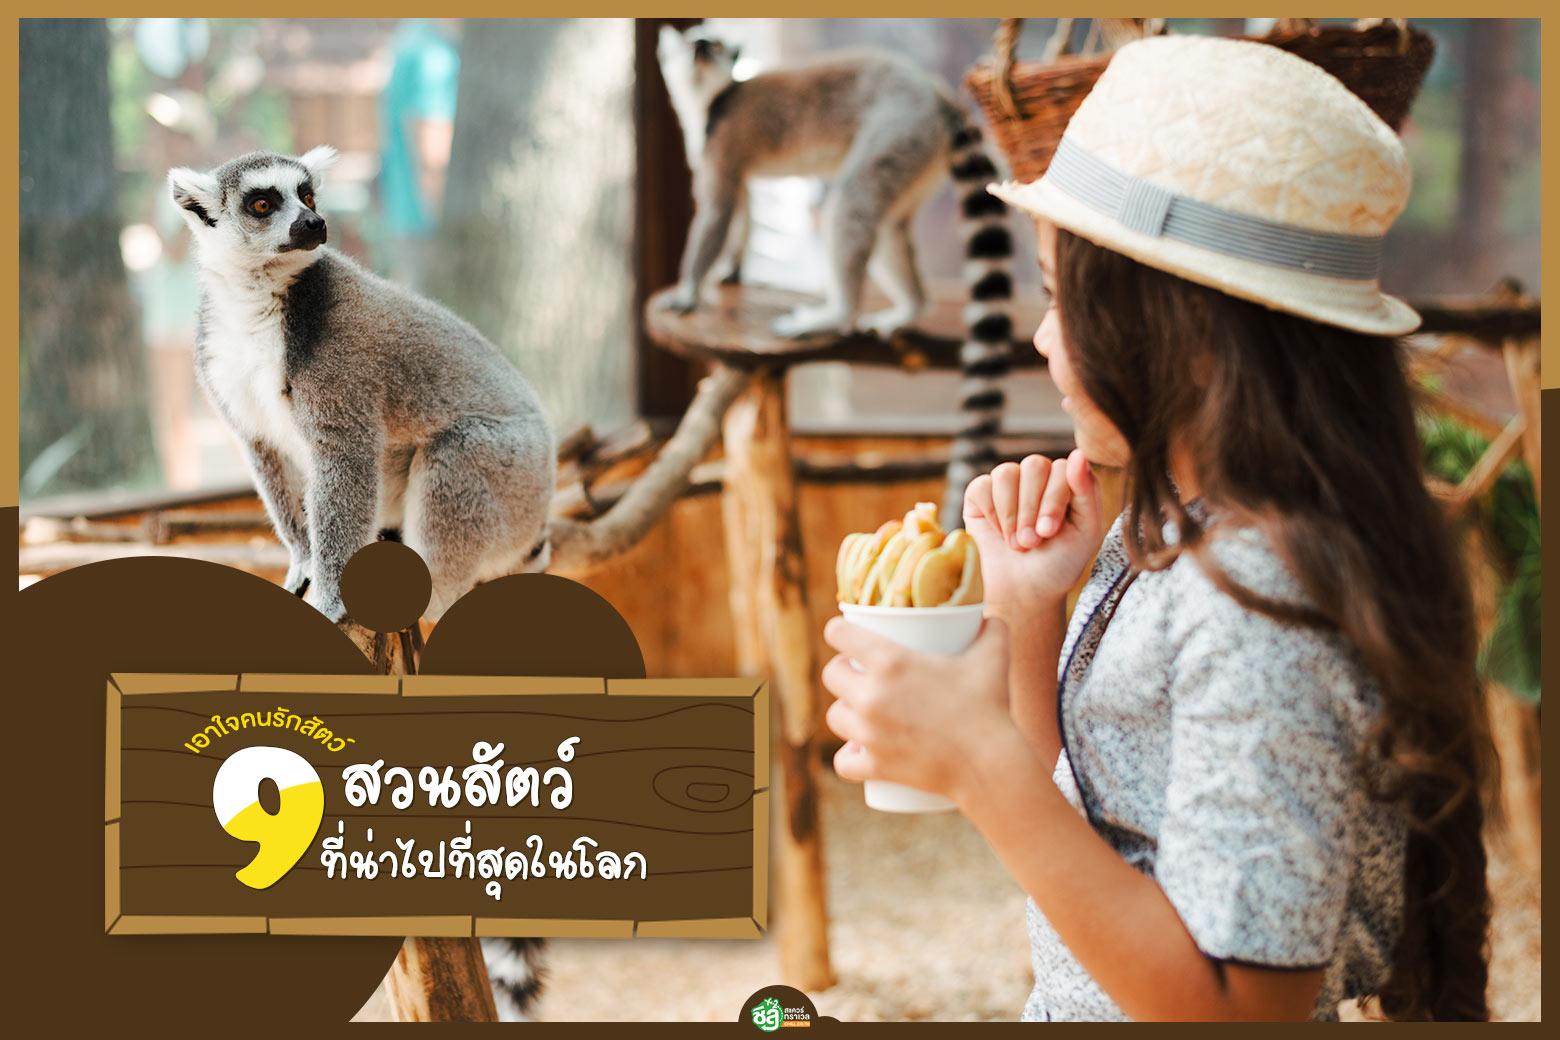 เอาใจคนรักสัตว์ พาตะลุย 9 สวนสัตว์ที่น่าไปที่สุดในโลก